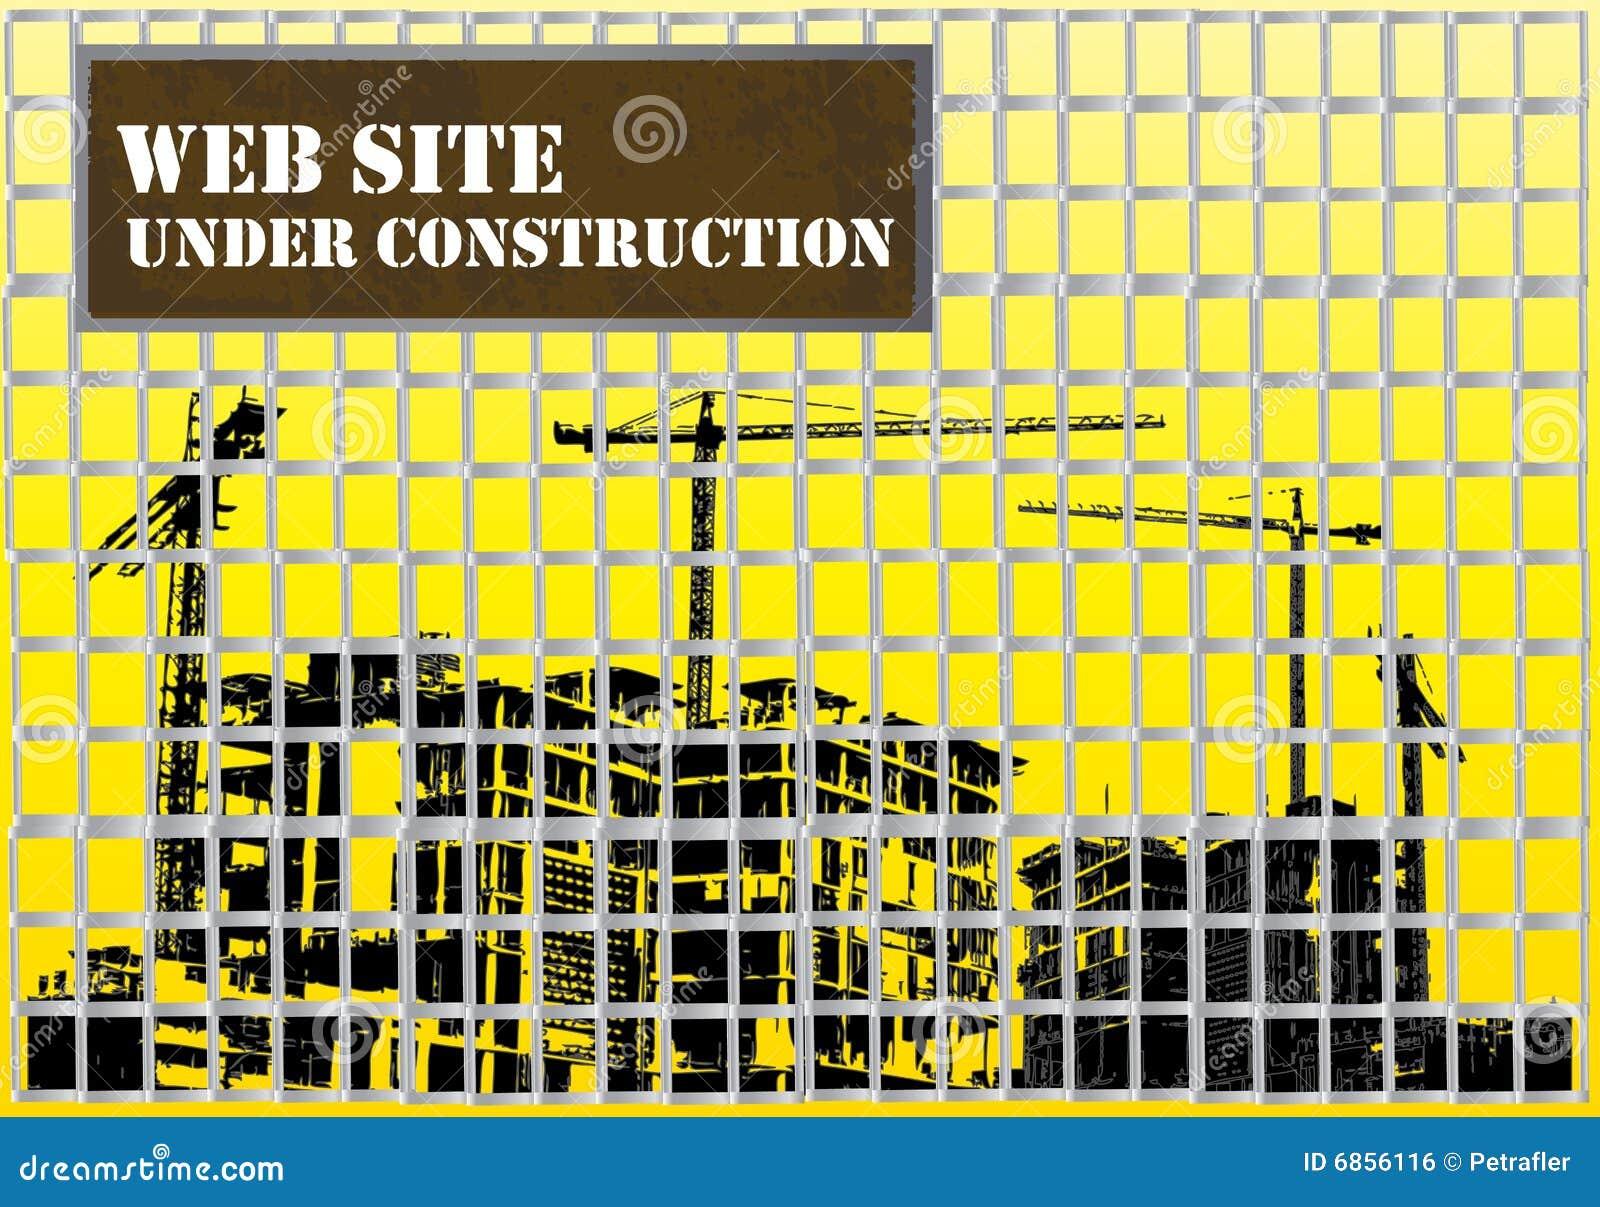 конструкция под вебсайтом